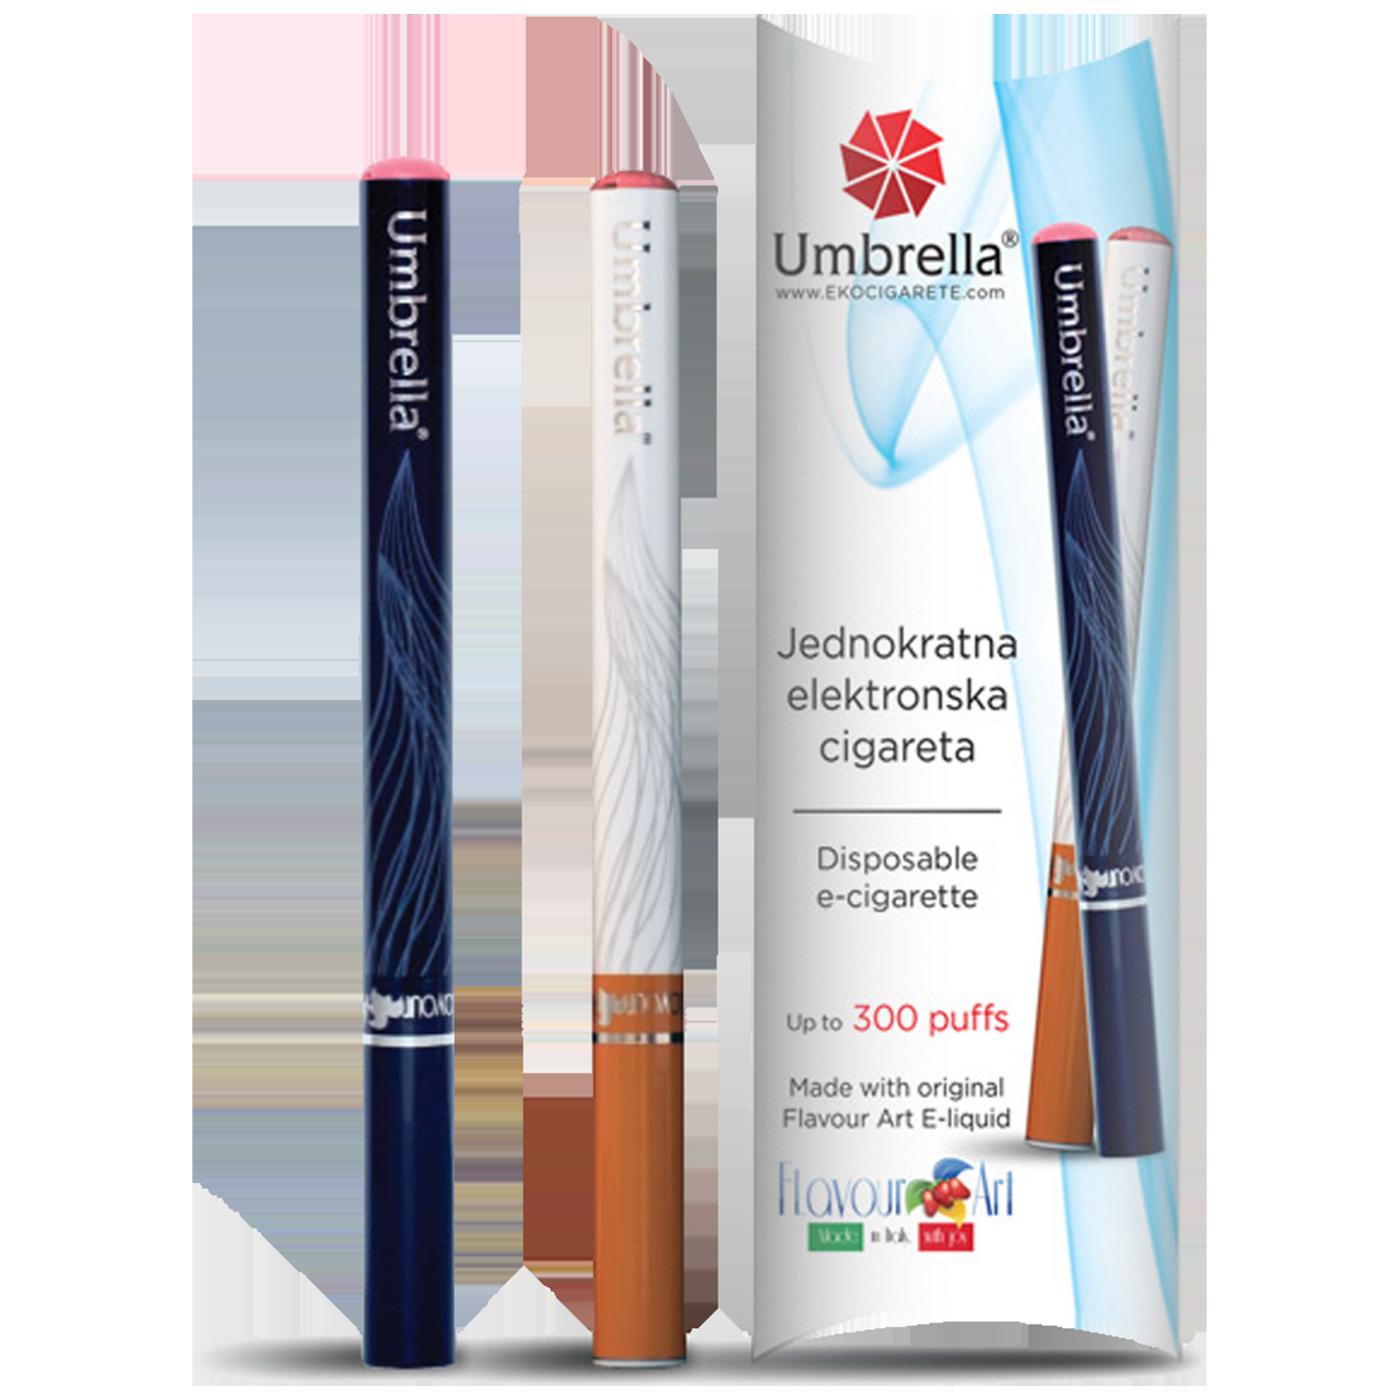 Umbrella - E-cigareta